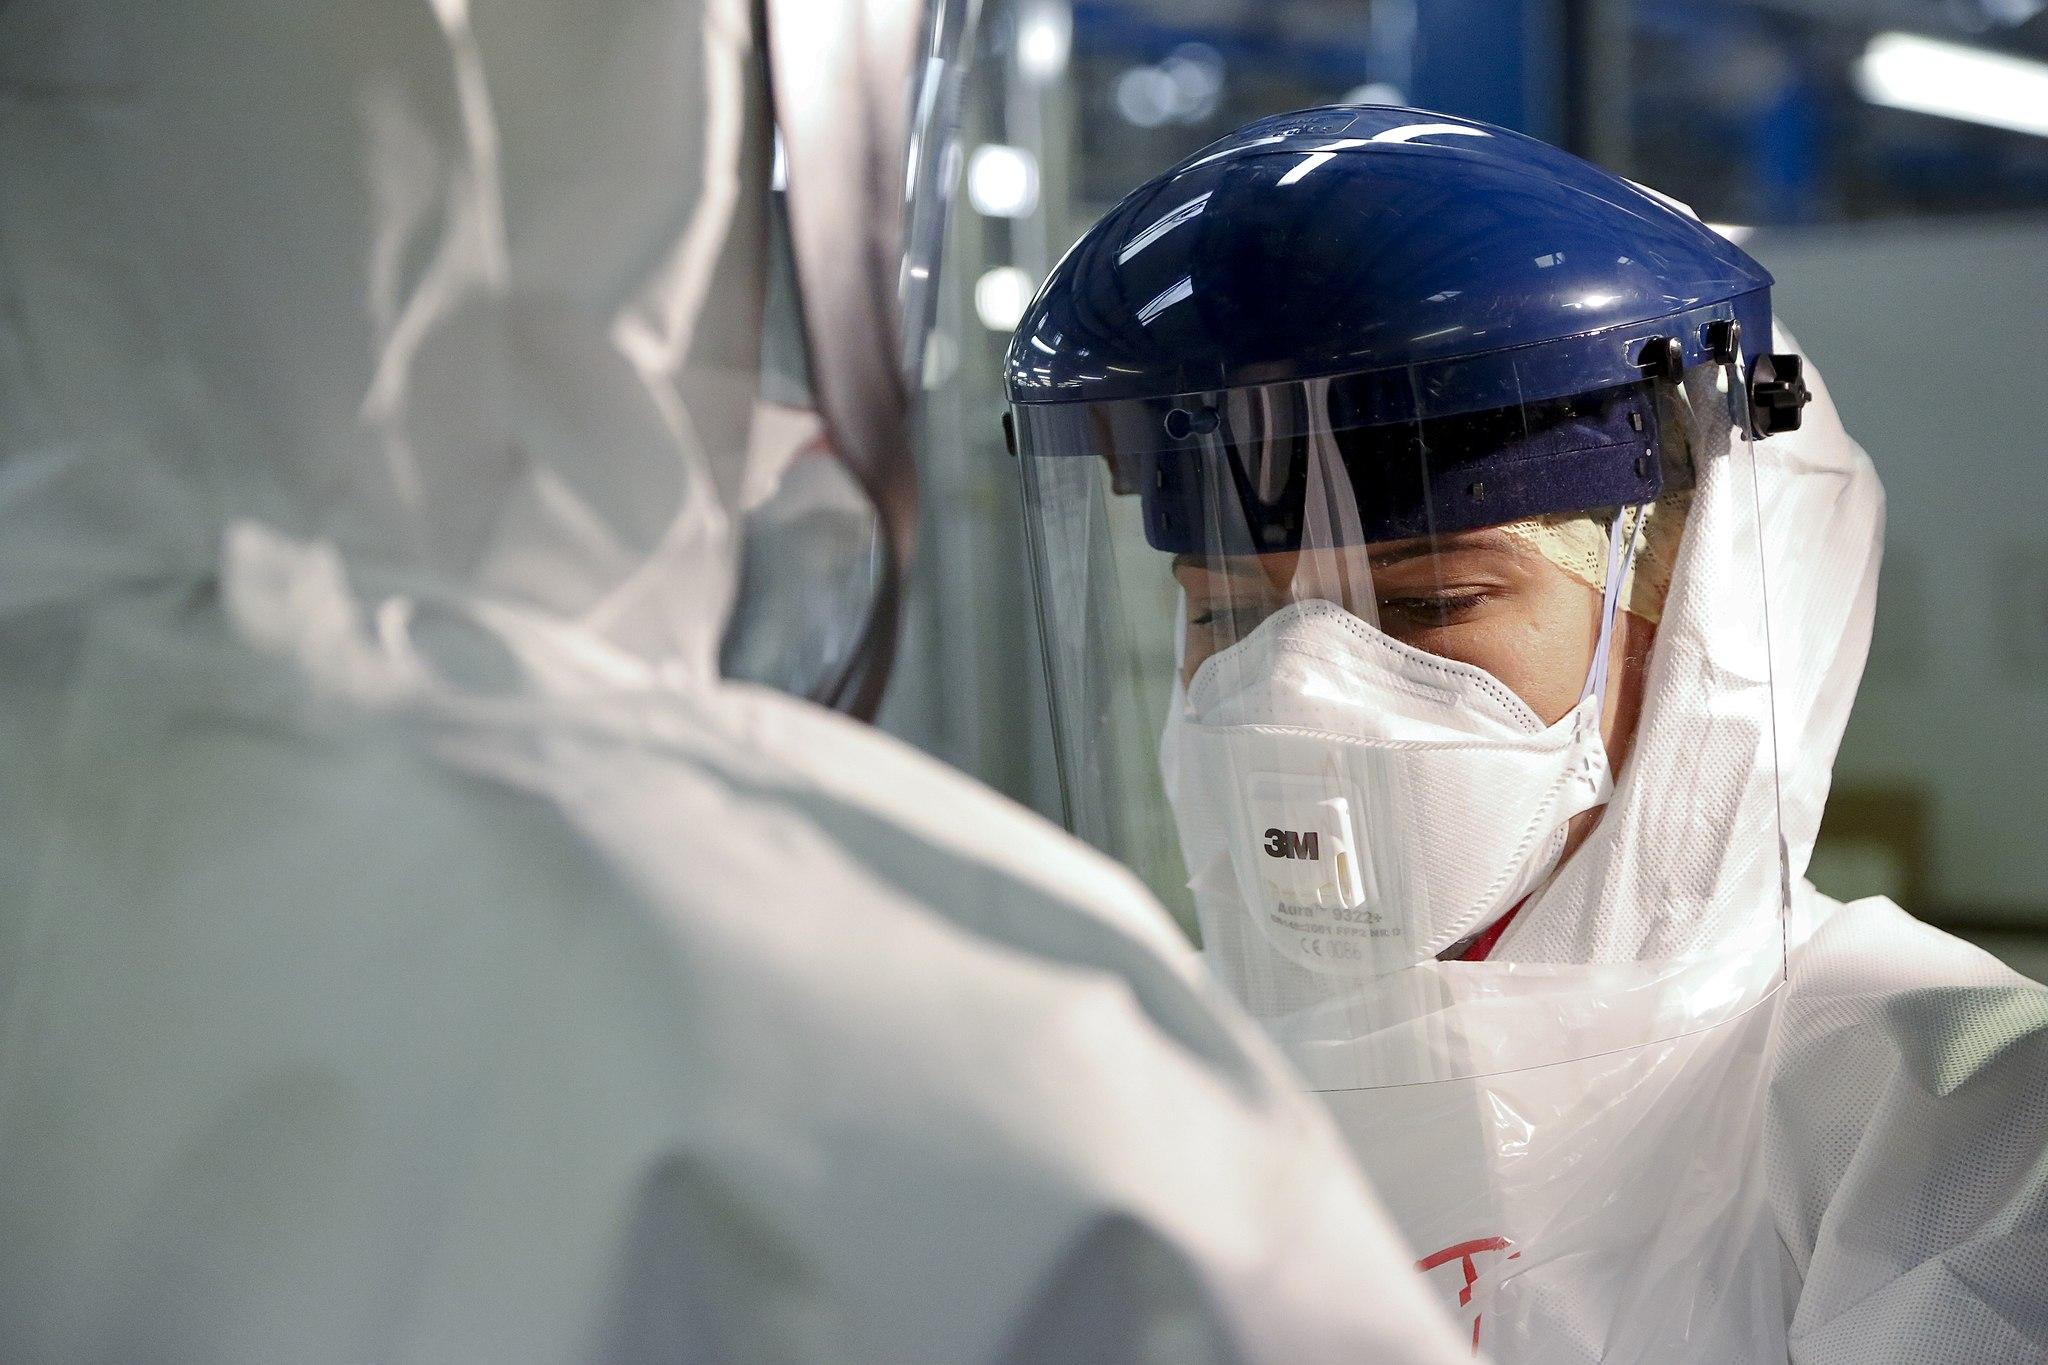 Pour endiguer Ebola, il faut combattre le changement climatique tout autant que la pauvreté